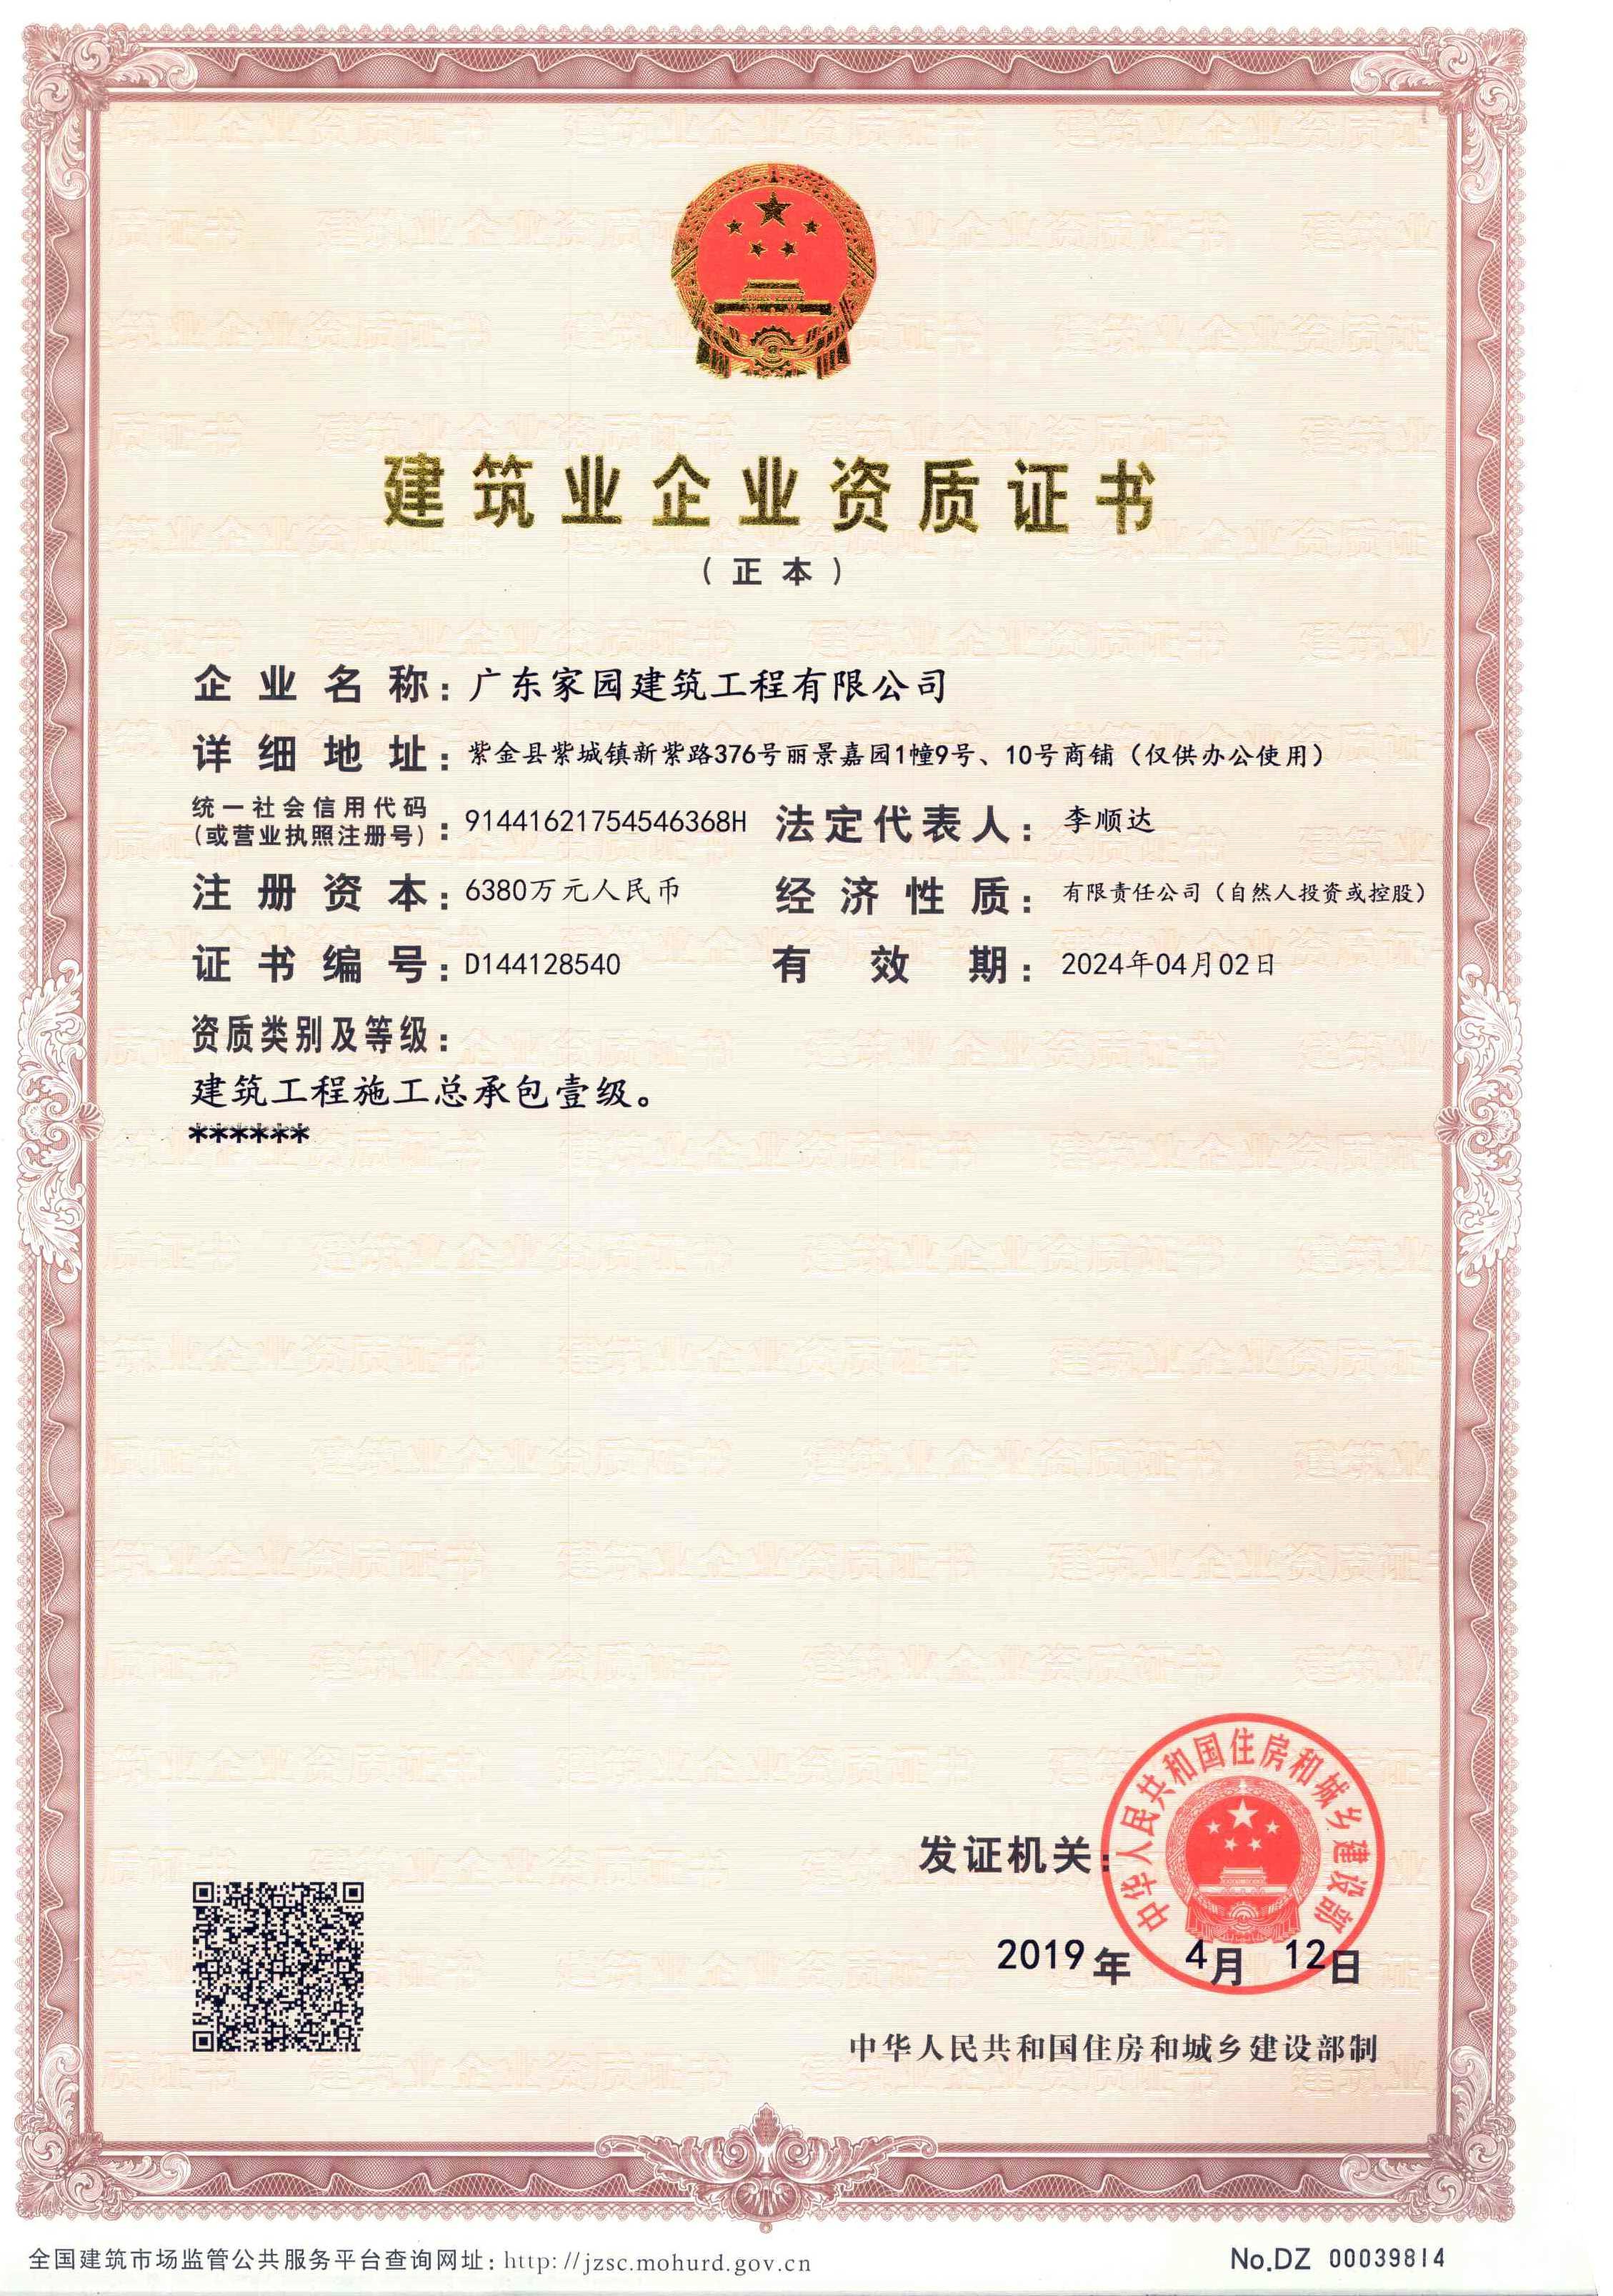 完成-資質-建筑一級資質證書正本20190412